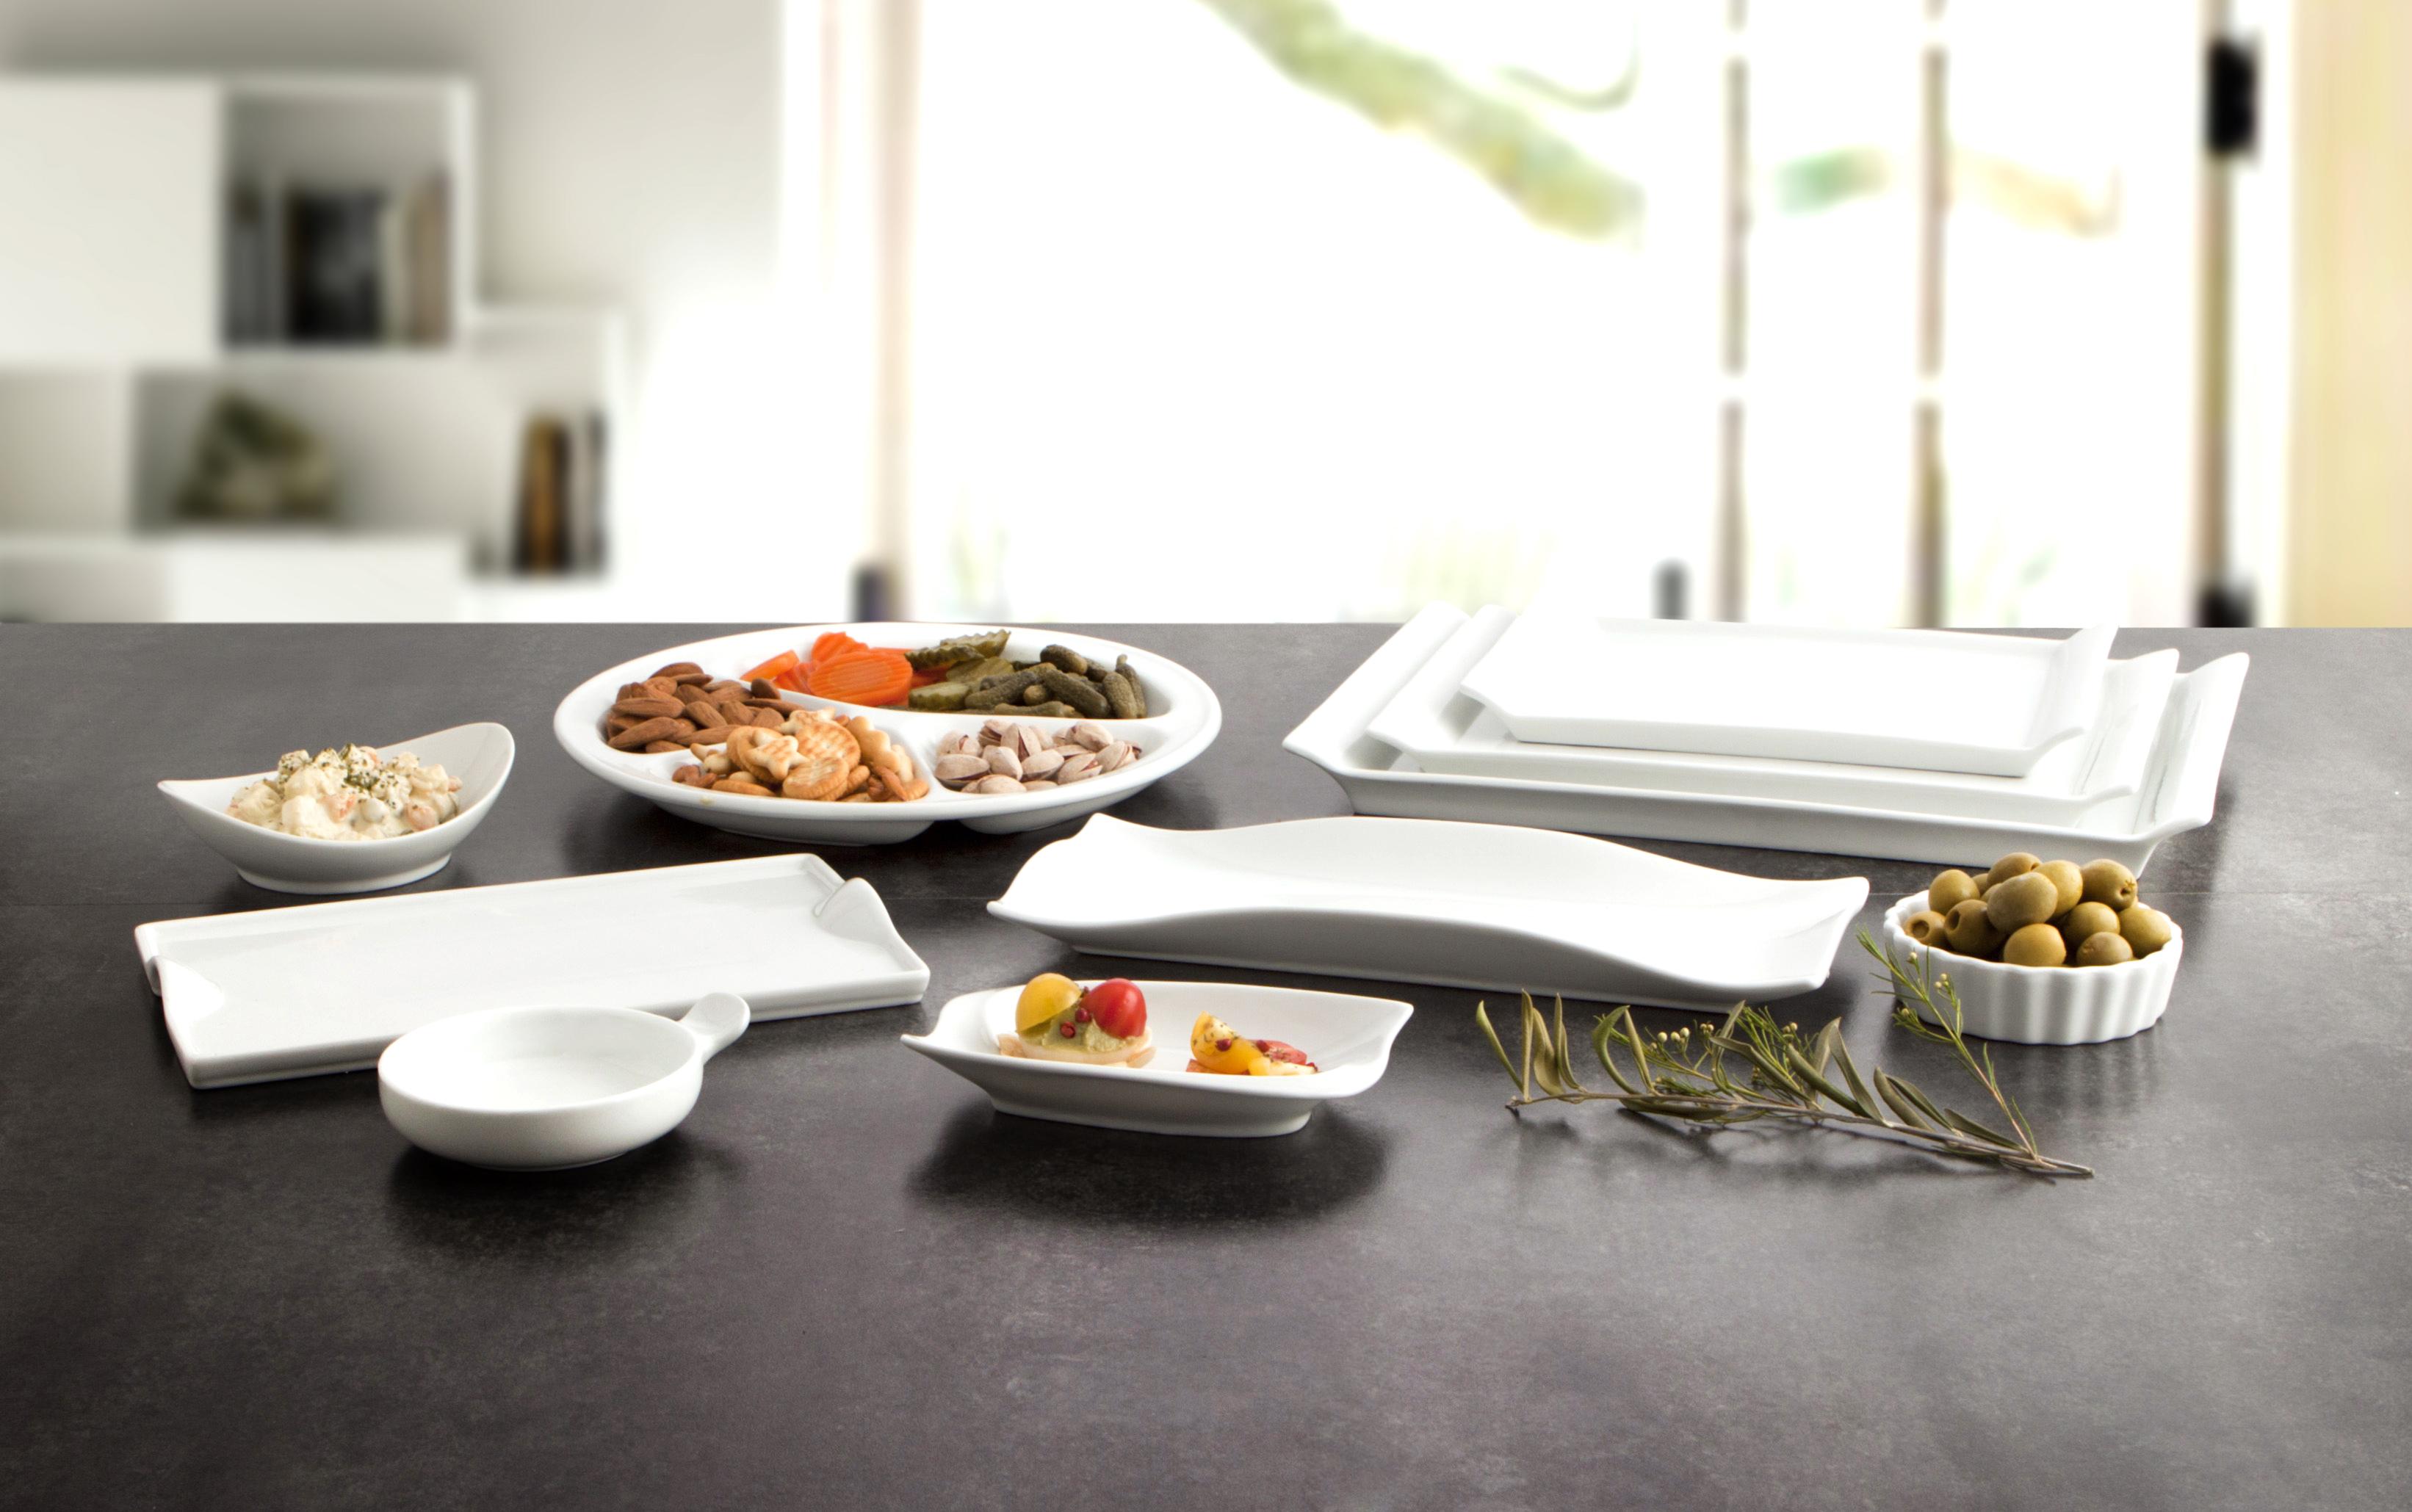 Soprende a tus invitados en casa el chef de la casa - Platos para sorprender ...